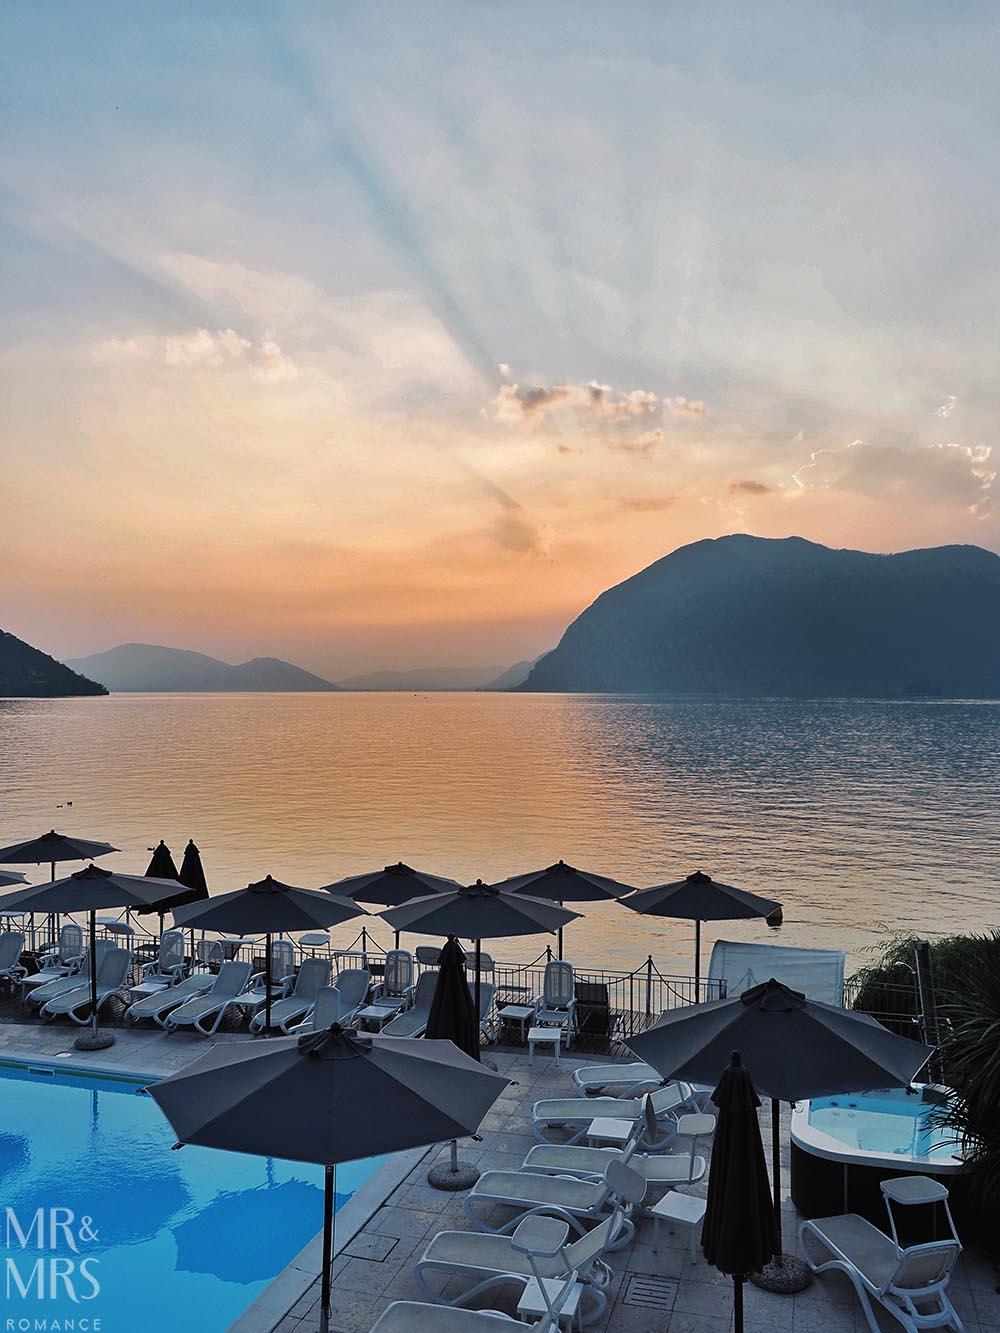 Monte Isola, Lake Iseo, Italy - Hotel Rivalago